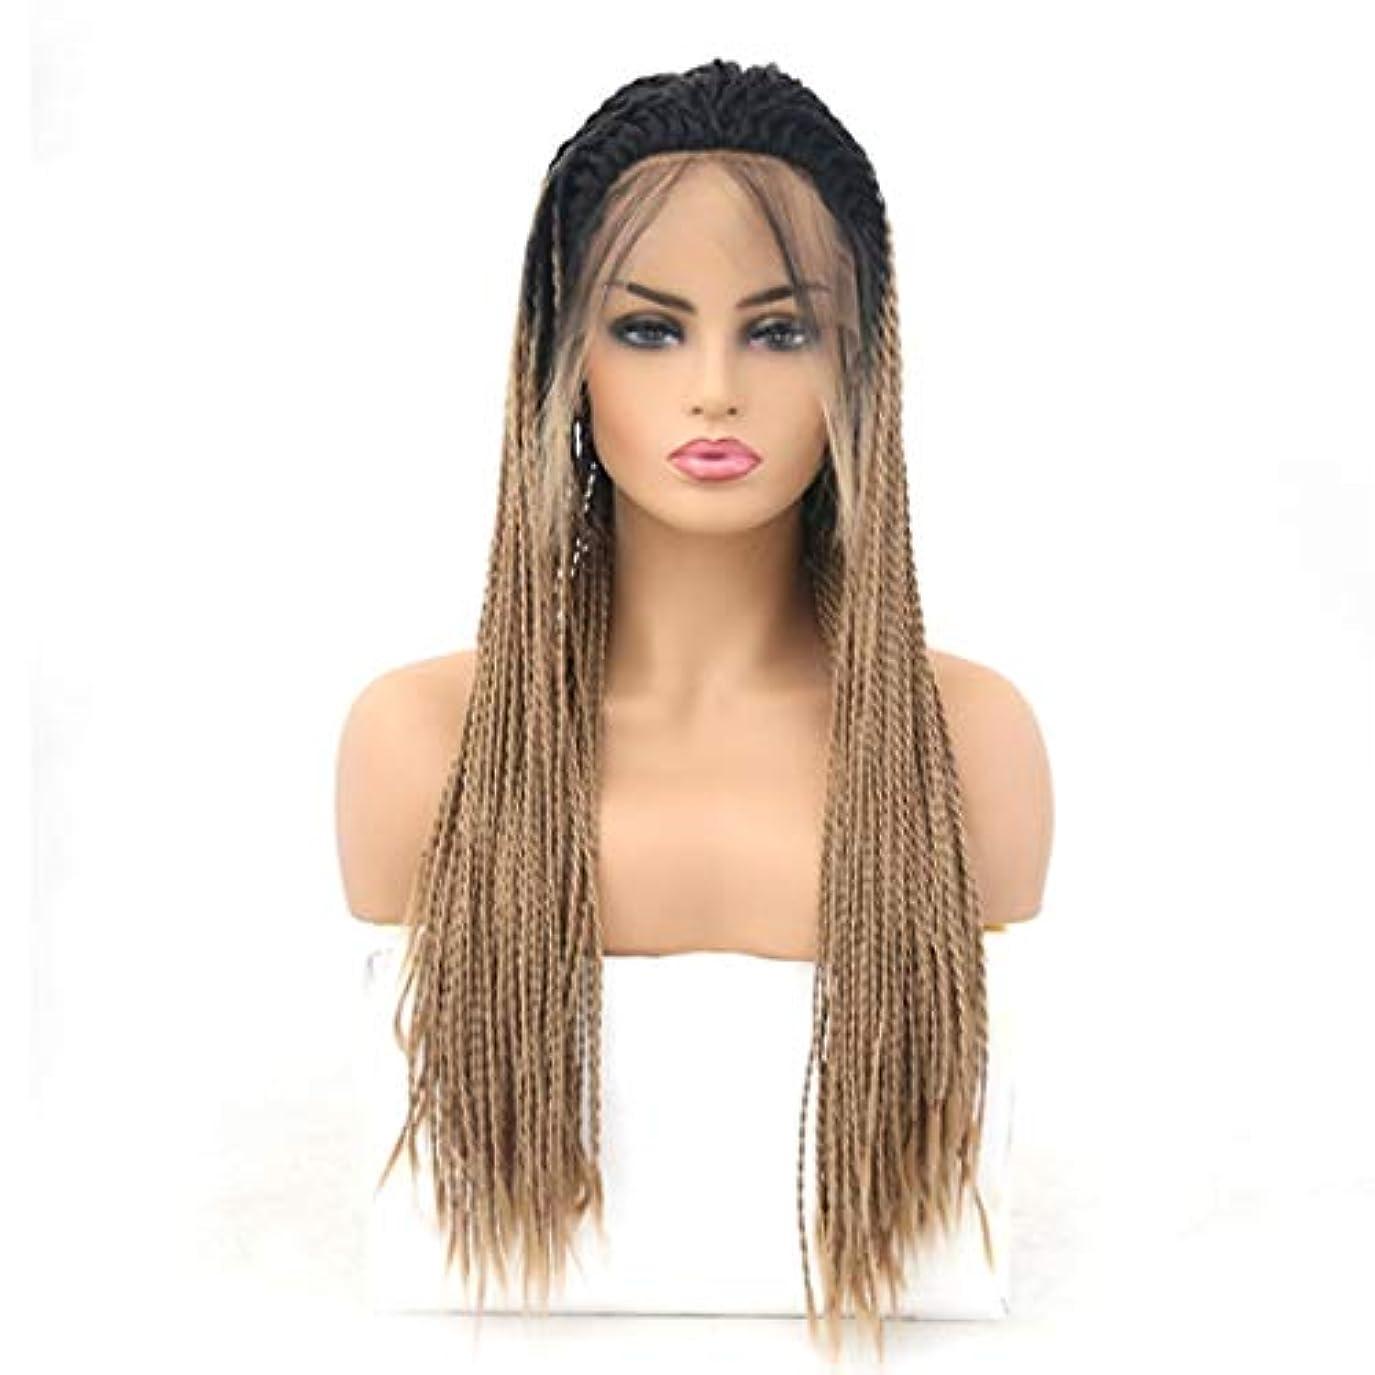 知人開発大量Kerwinner 女性のための前髪の毛髪のかつらとフロントレースグラデーションかつら耐熱合成かつら (Size : 26 inches)